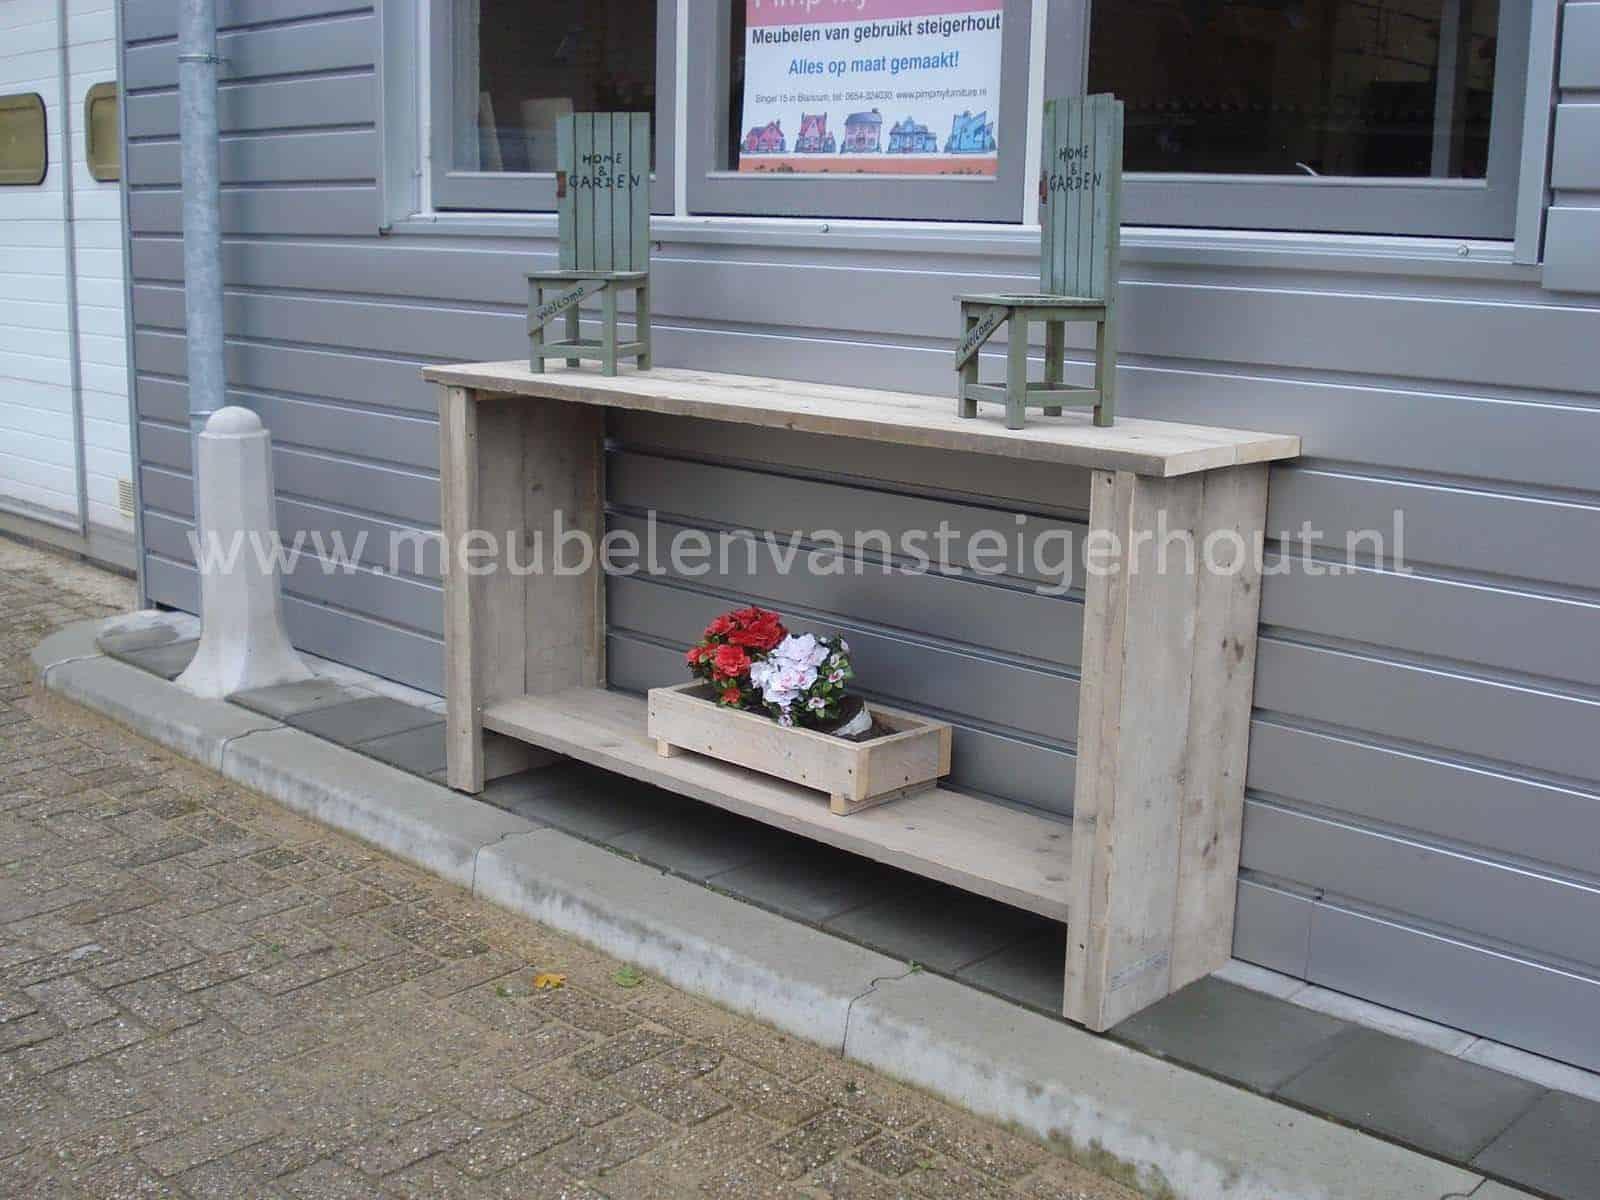 Steigerhout Sidetable Tuin.Sidetable B Smart Meubelen Van Steigerhout